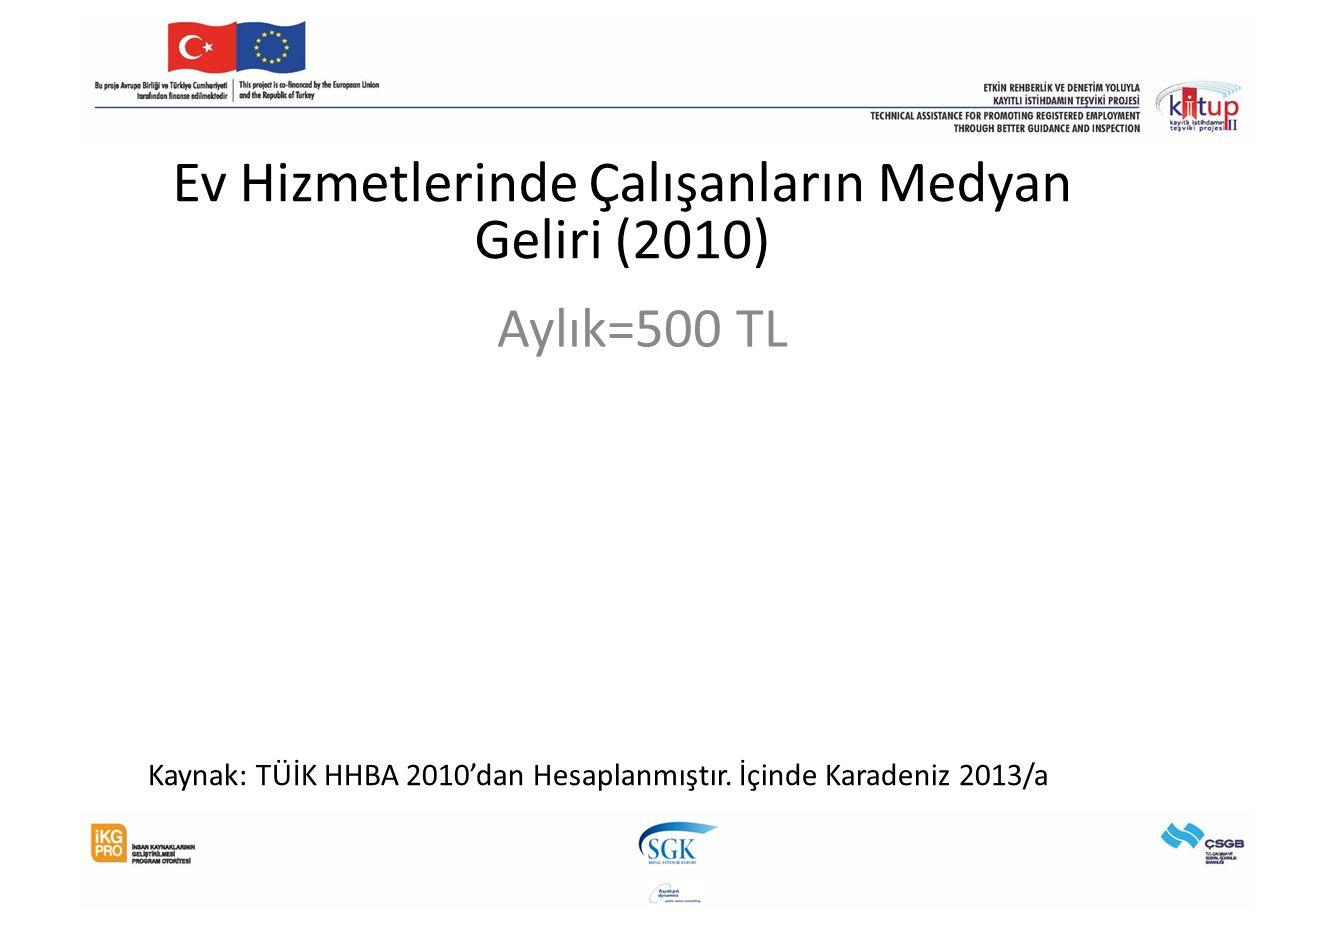 Ev Hizmetlerinde Çalışanların Medyan Geliri (2010) Aylık=500 TL Kaynak: TÜİK HHBA 2010'dan Hesaplanmıştır. İçinde Karadeniz 2013/a